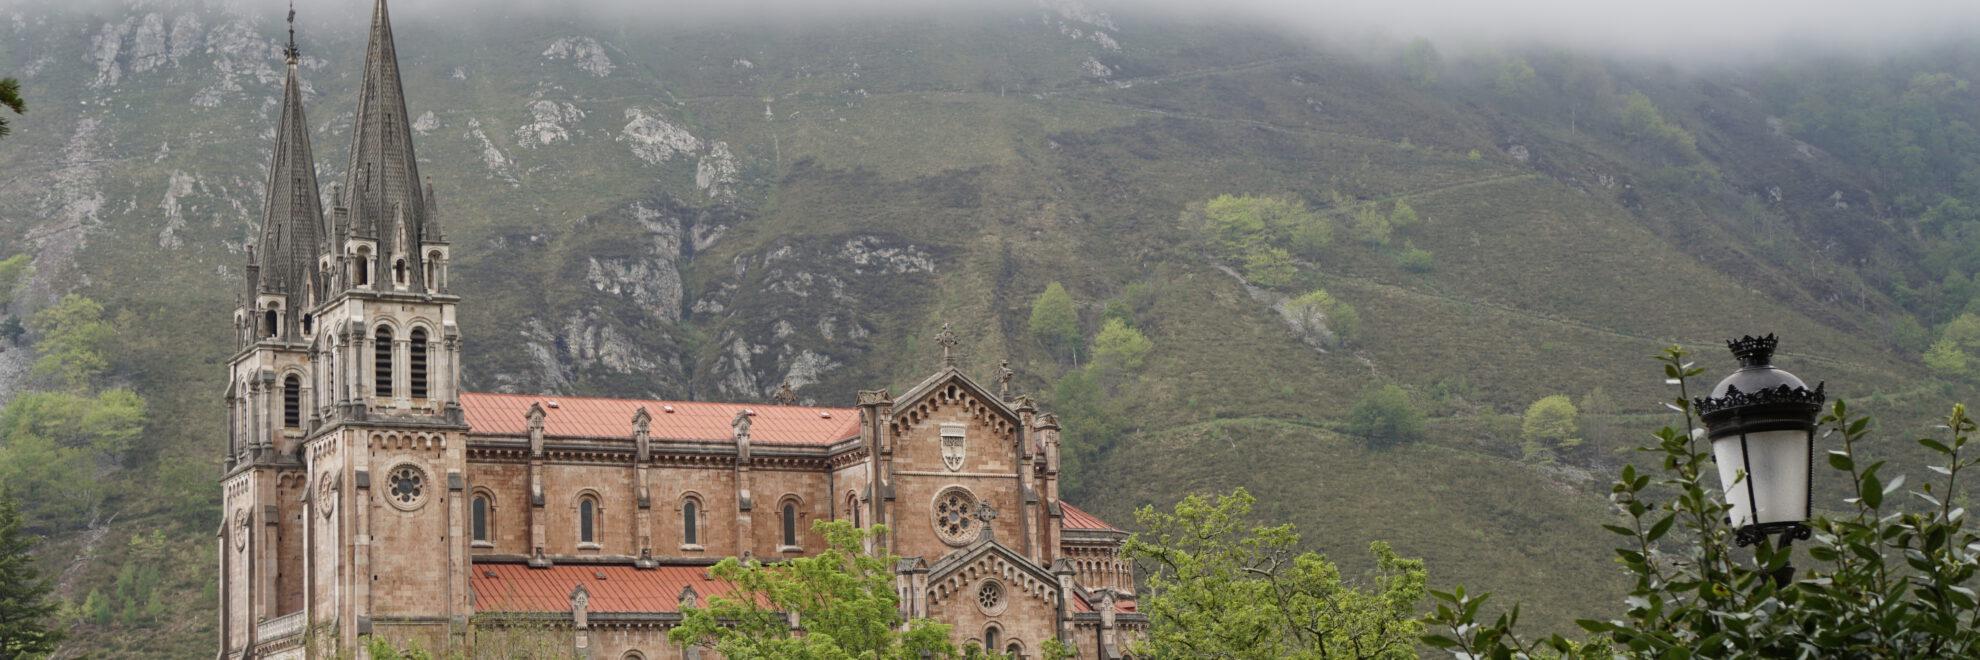 Cangas de Onís: Santuario de Covadonga